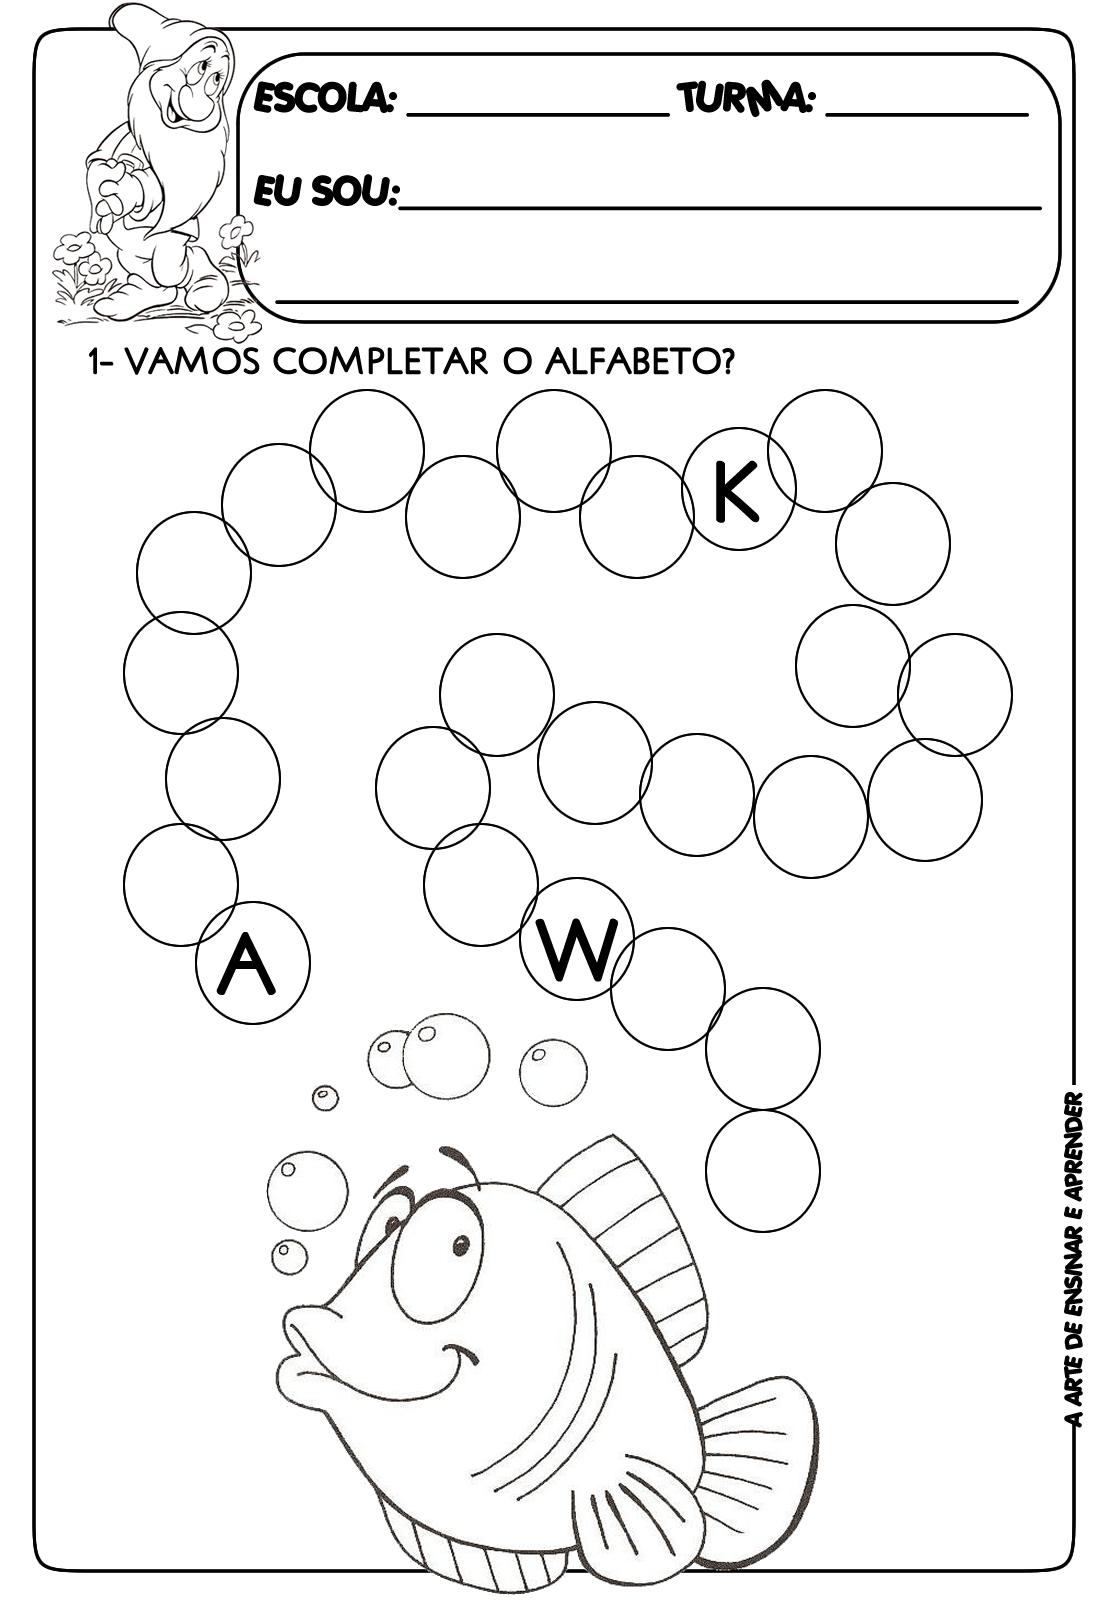 Atividade Pronta Sequencia Do Alfabeto